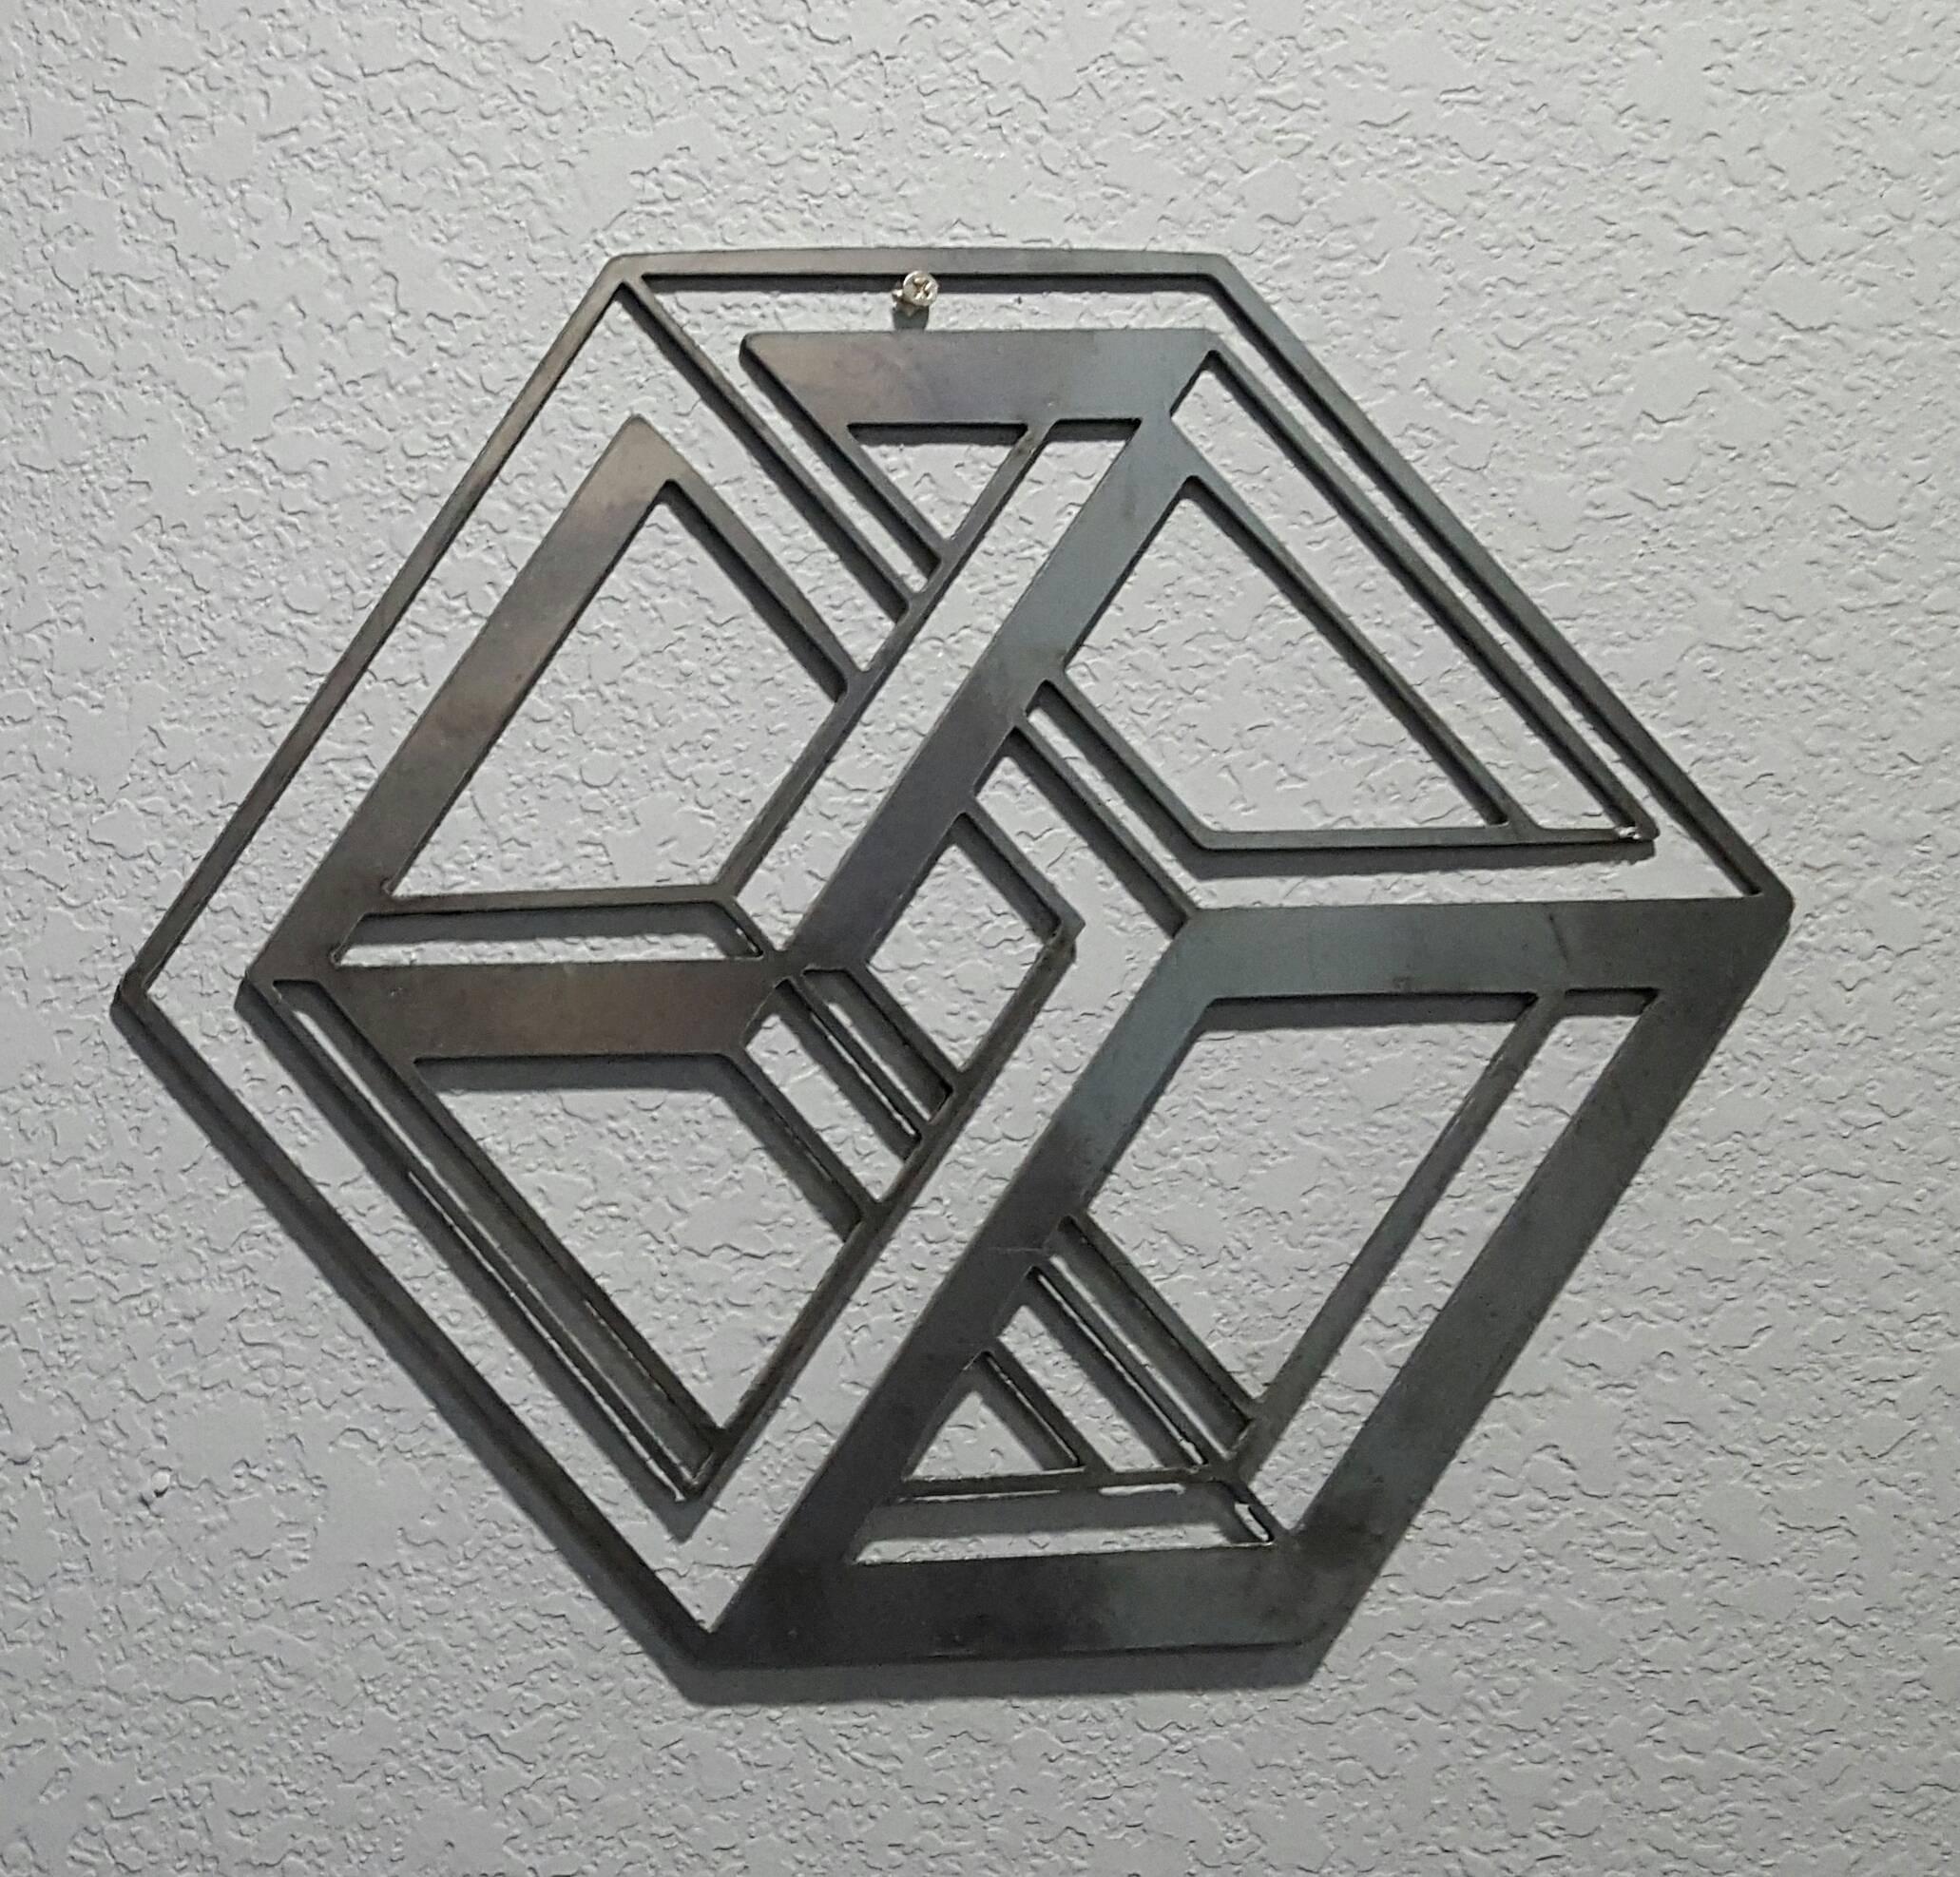 3D Cube Metal Wall Art | Blue Collar Welding Llc Throughout Recent Cubes 3D Wall Art (View 5 of 20)